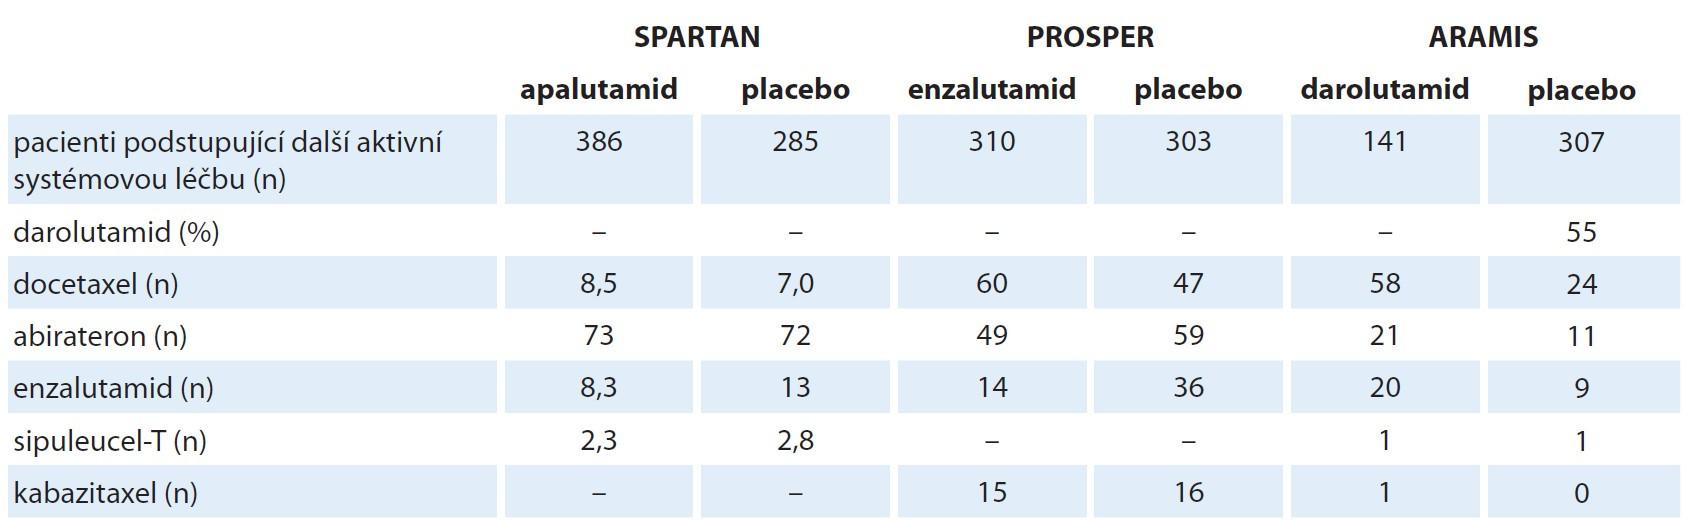 Zastoupení jednotlivých typů následující léčby u nemocných s progresí ve studiích nemetastatického kastračně refrakterního karcinomu prostaty (procenta z počtu pacientů podstupujících další aktivní systémovou léčbu karcinomu prostaty).